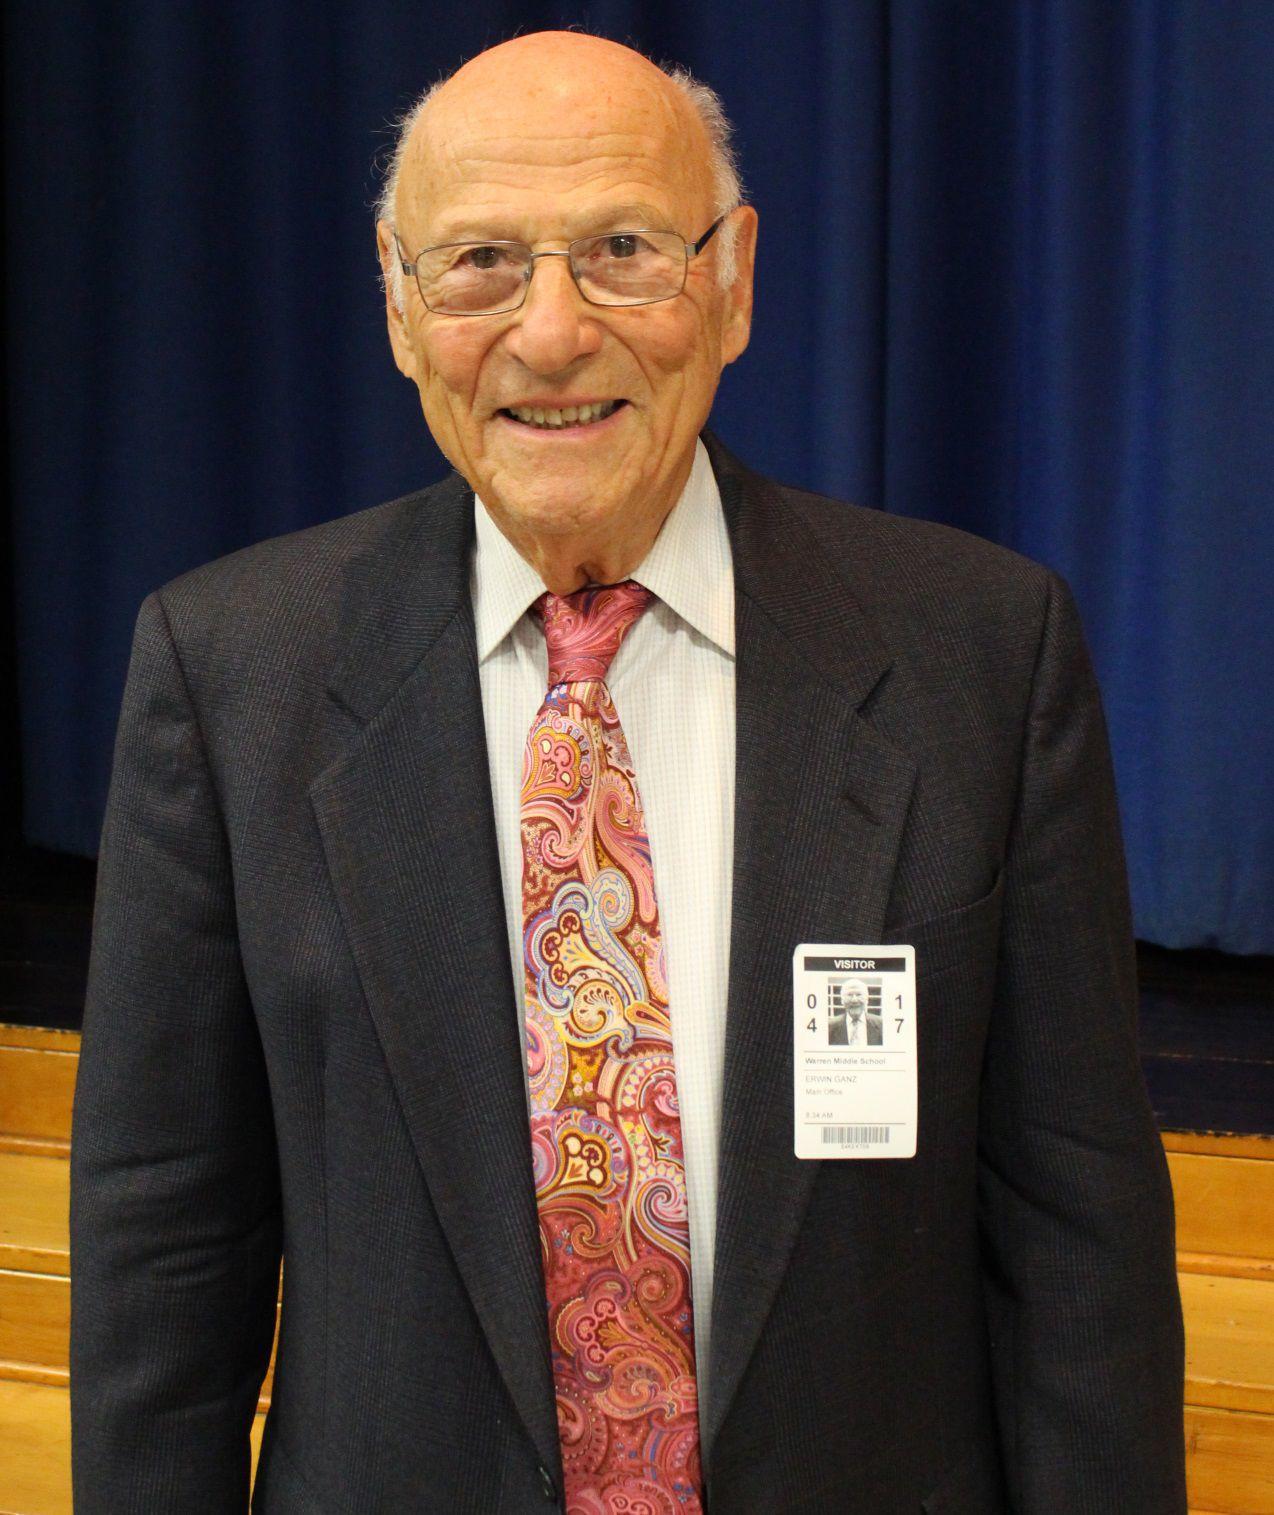 Erwin Ganz Kristallnacht survivor shares his story